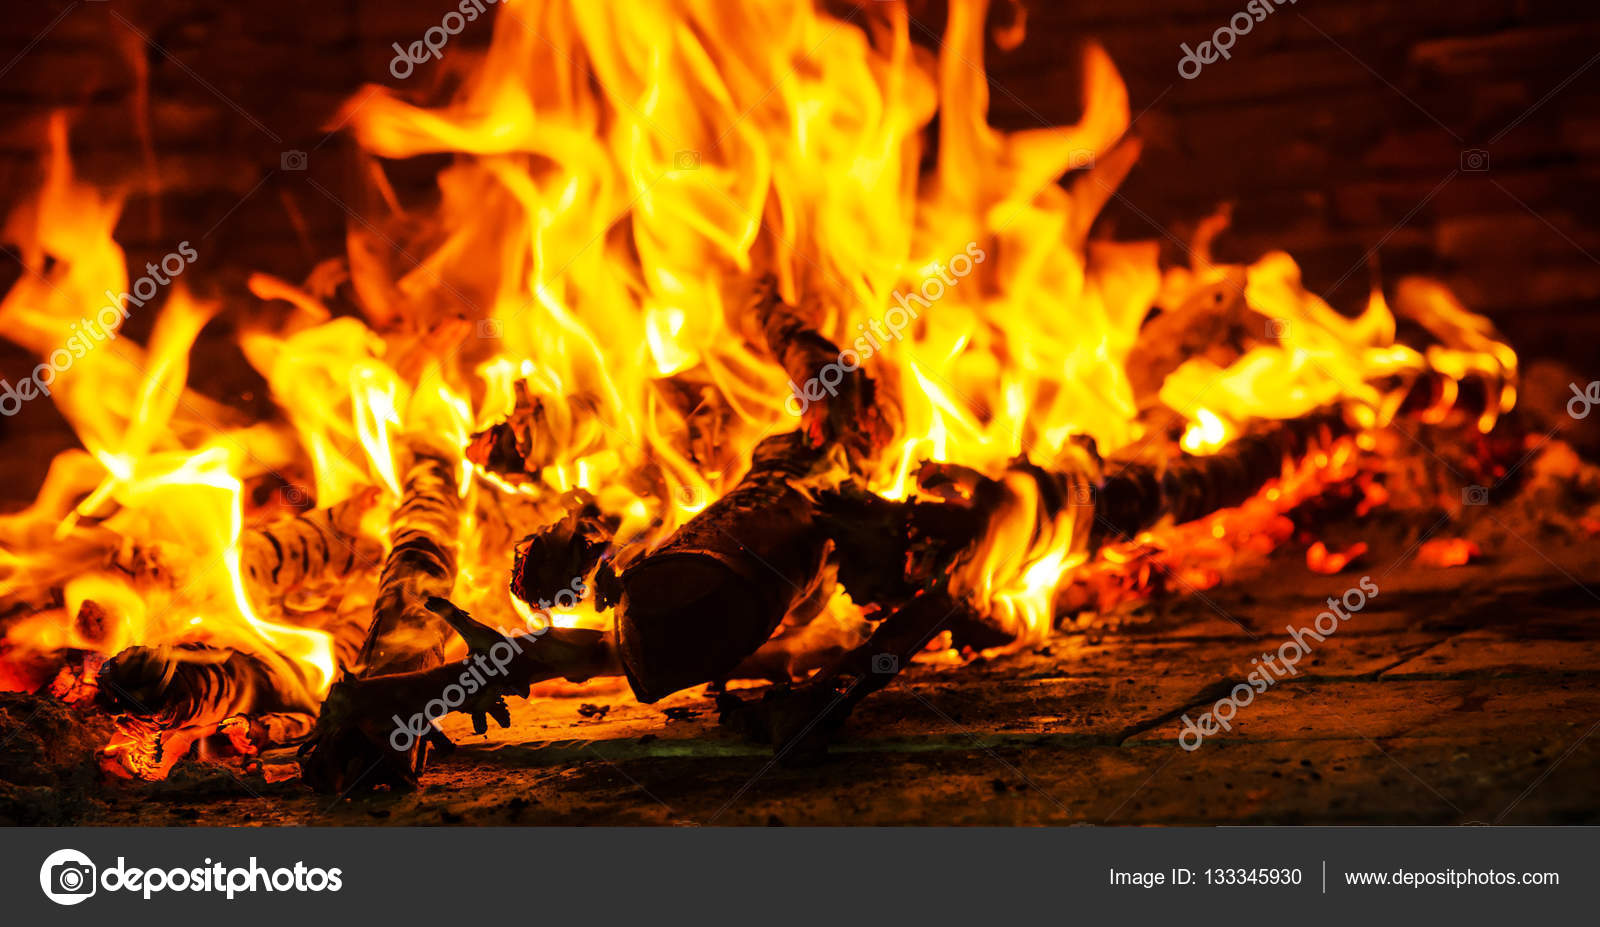 Il Fuoco Nel Camino Closeup Di Legna Da Ardere Bruciando Nel Fuoco Foto Di Slonme